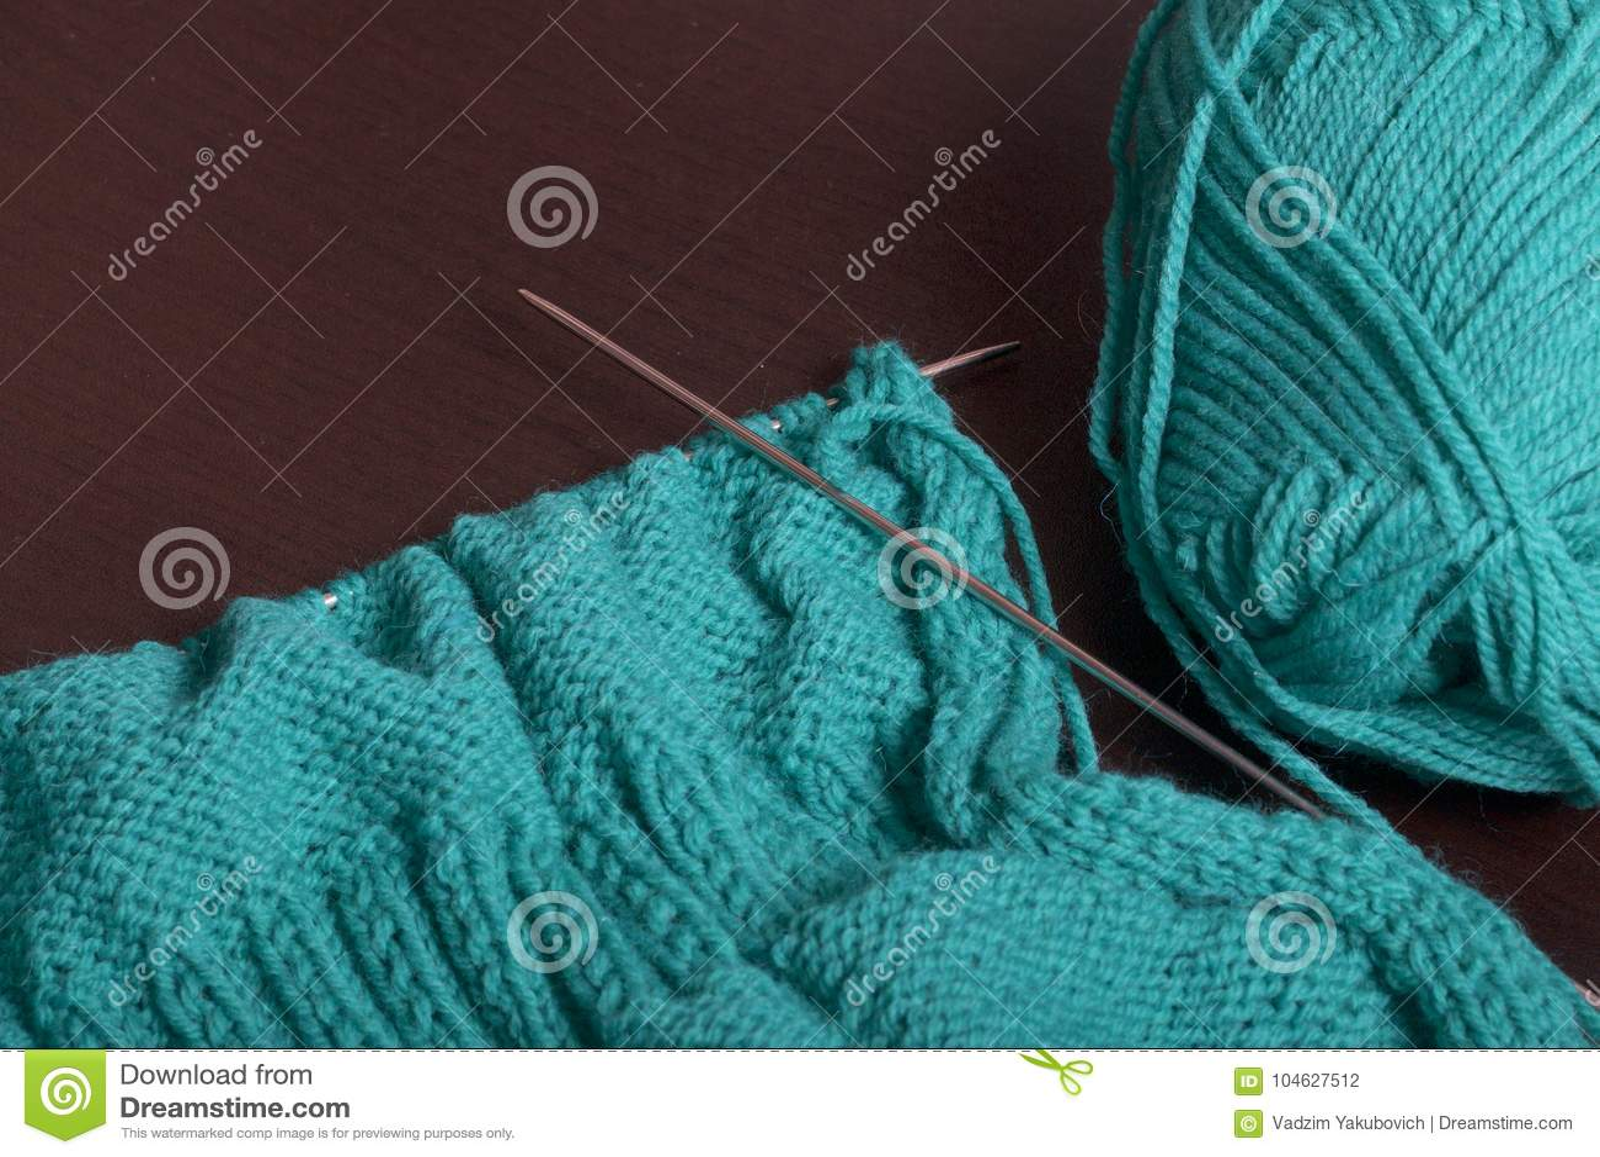 Download Het Breien Met Breinaalden Op Dark Ligt De Oppervlakte Van De Lijst Een Onvolledig Gebreid Product Met Breinaalden En Bedelaars Stock Foto - Afbeelding bestaande uit knitting, manier: 104627512